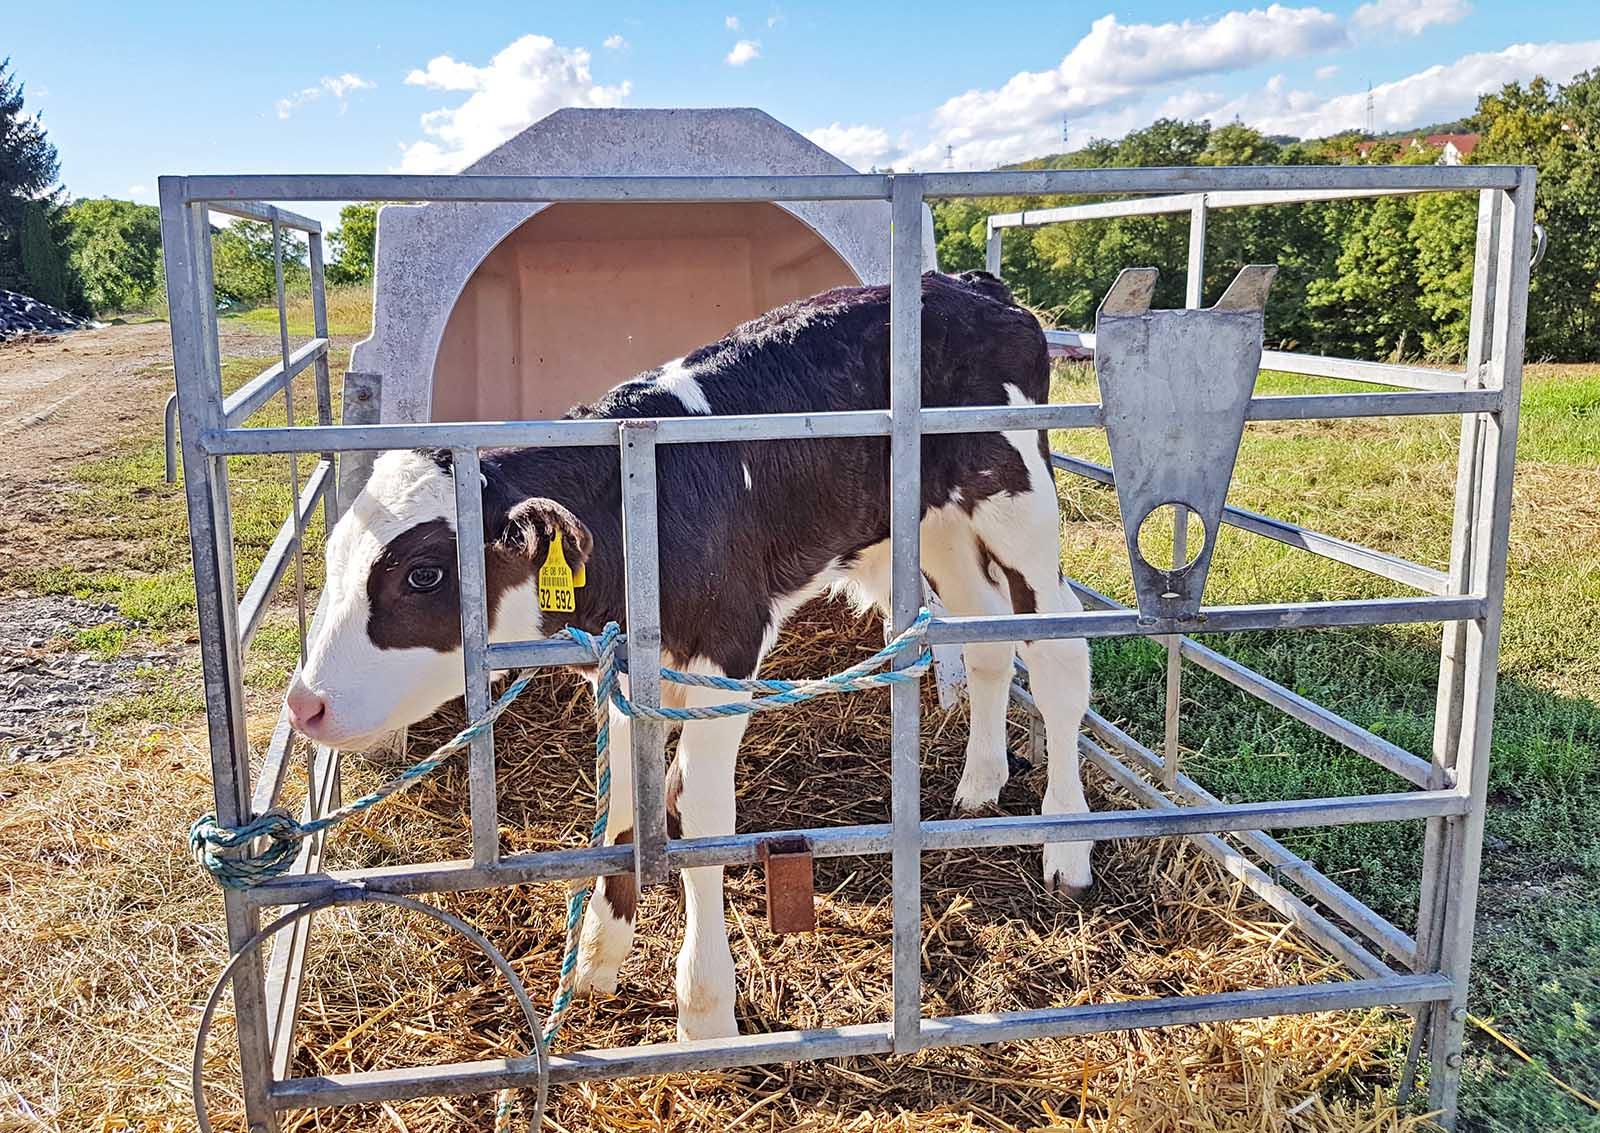 Die Einsamkeit in Kälberboxen ist für Kälbchen meist traurige Realität in der Milchindustrie